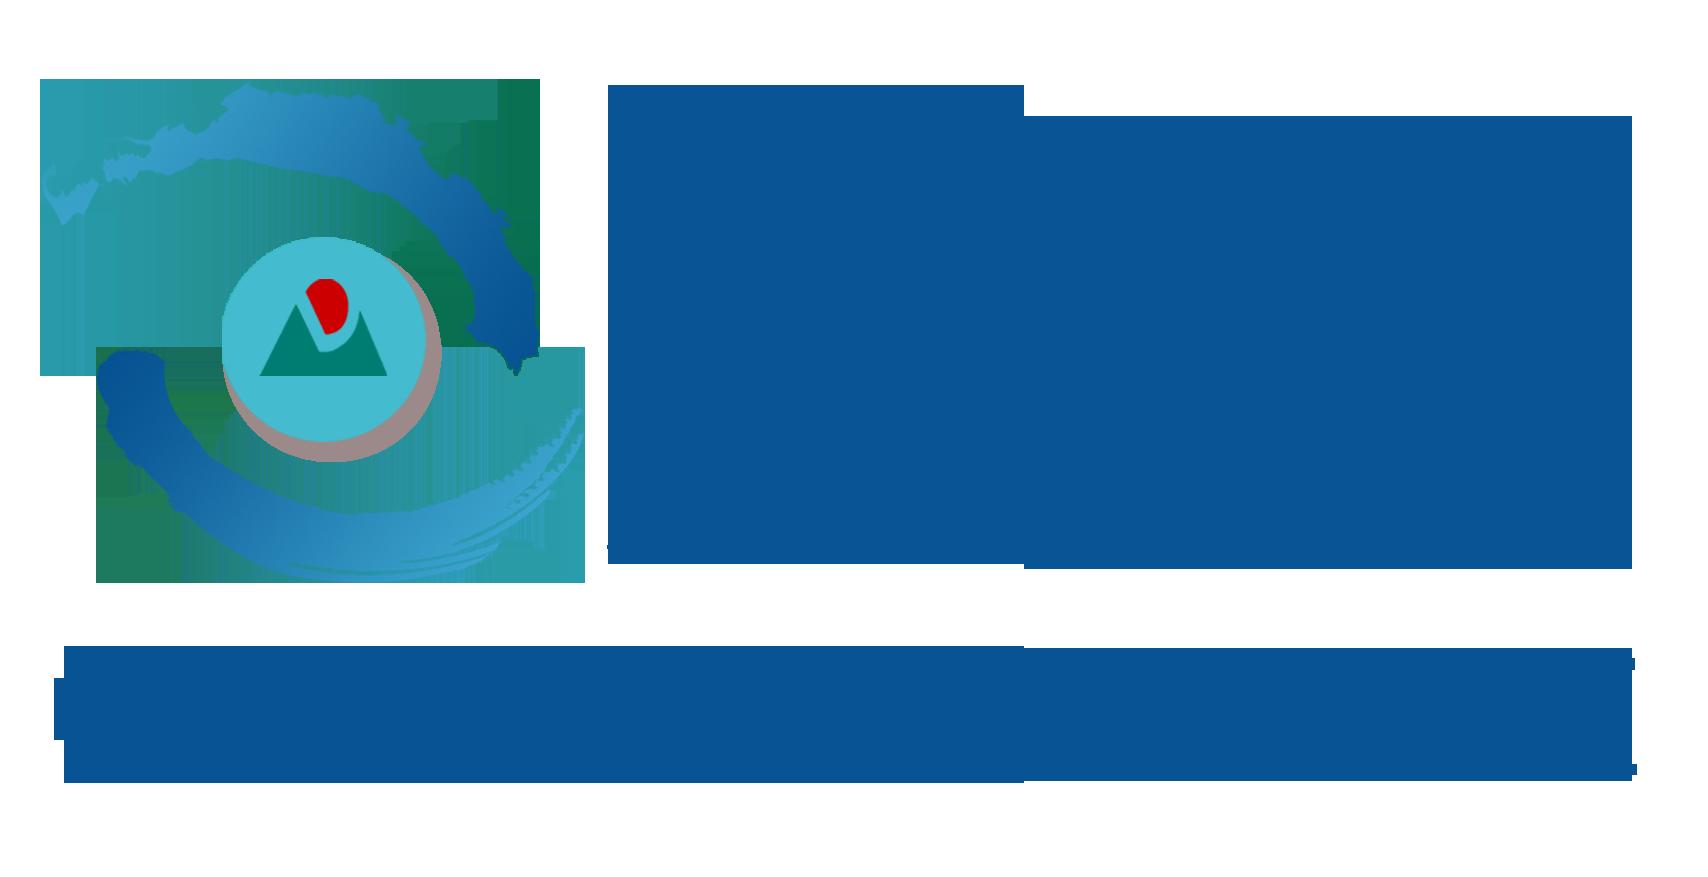 红安龙王湖旅游开发有限公司最新招聘信息